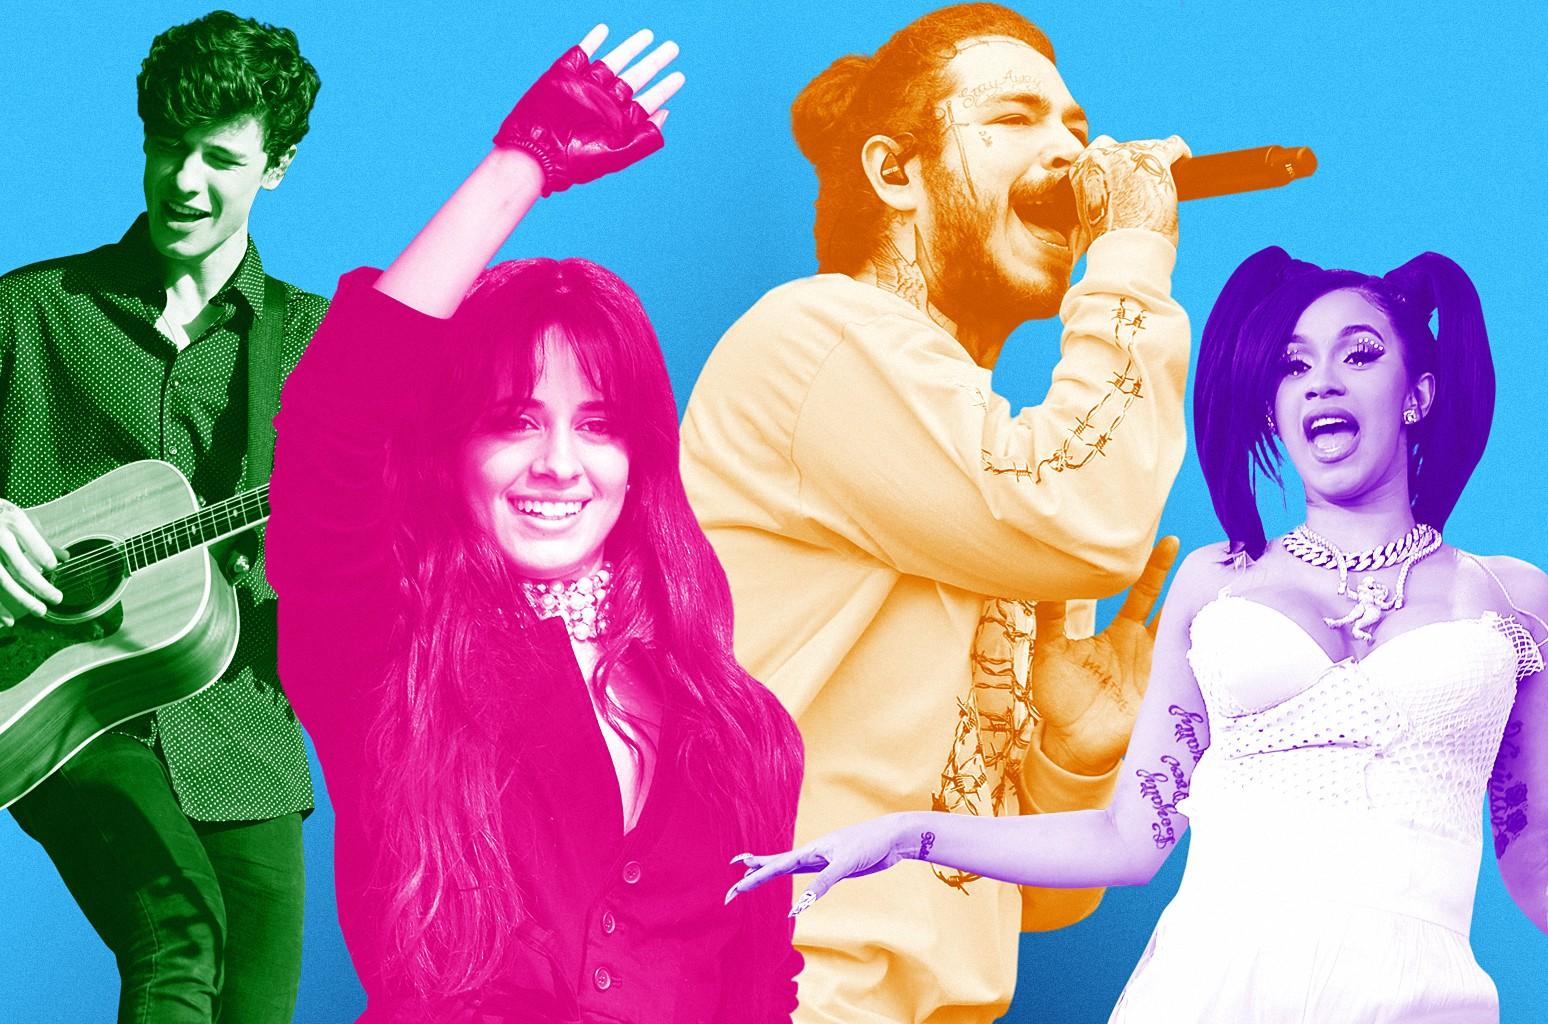 Shawn Mendes, Camila Cabello, Post Malone & Cardi B